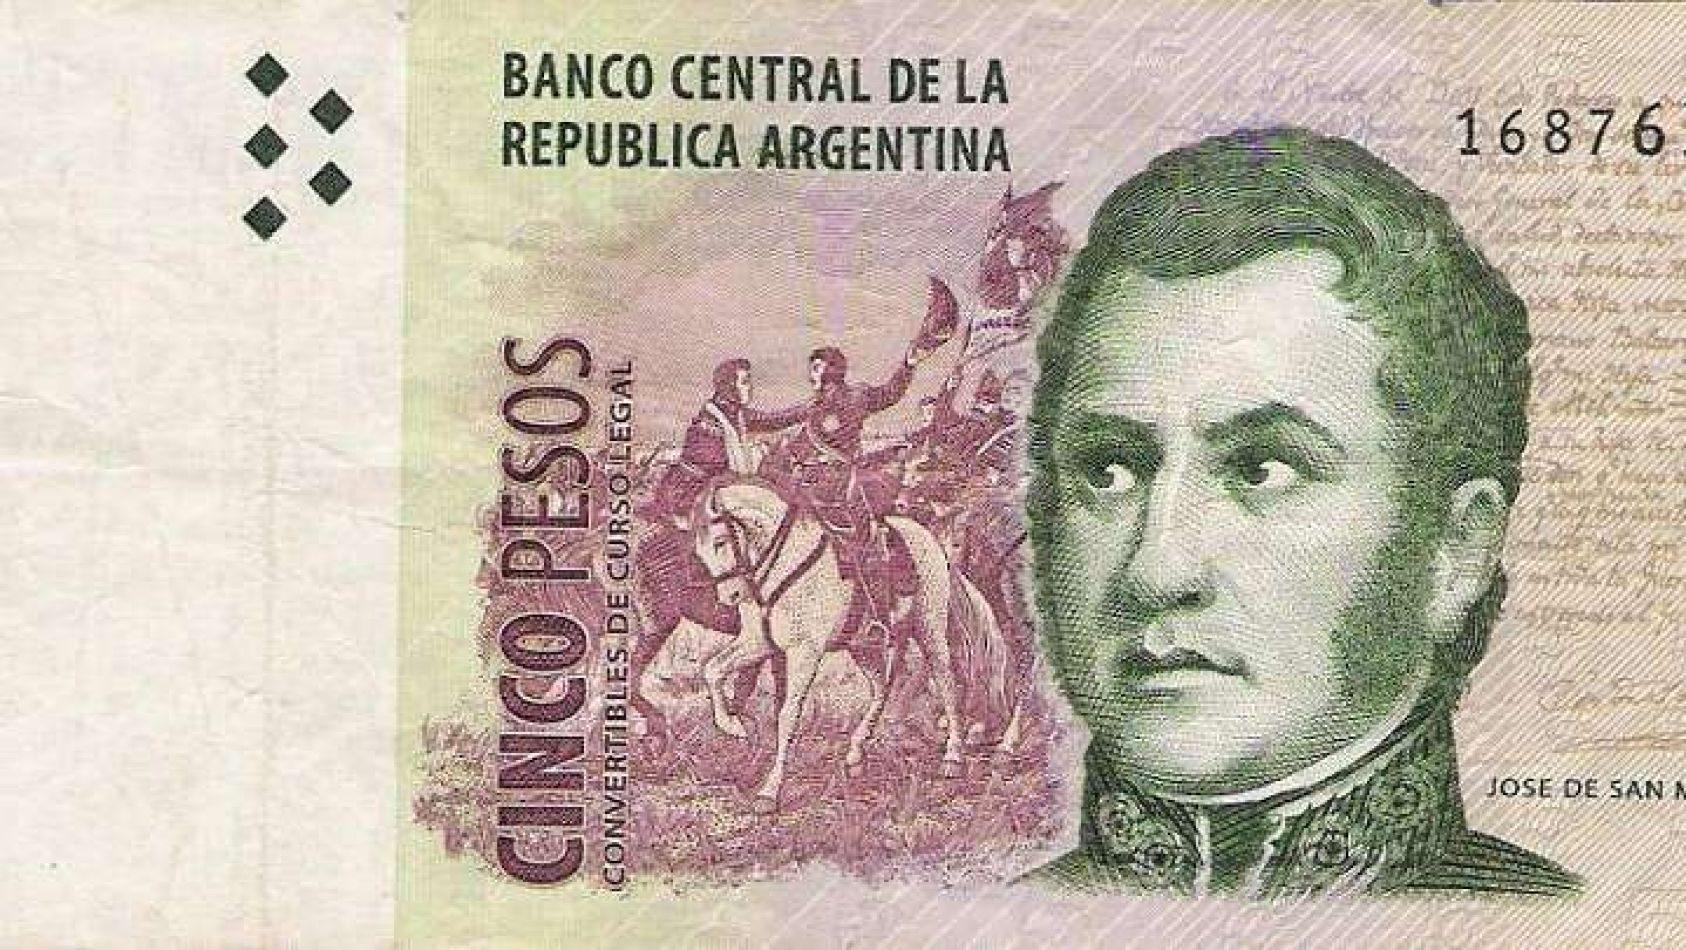 Sacan de circulación al billete de 5 pesos